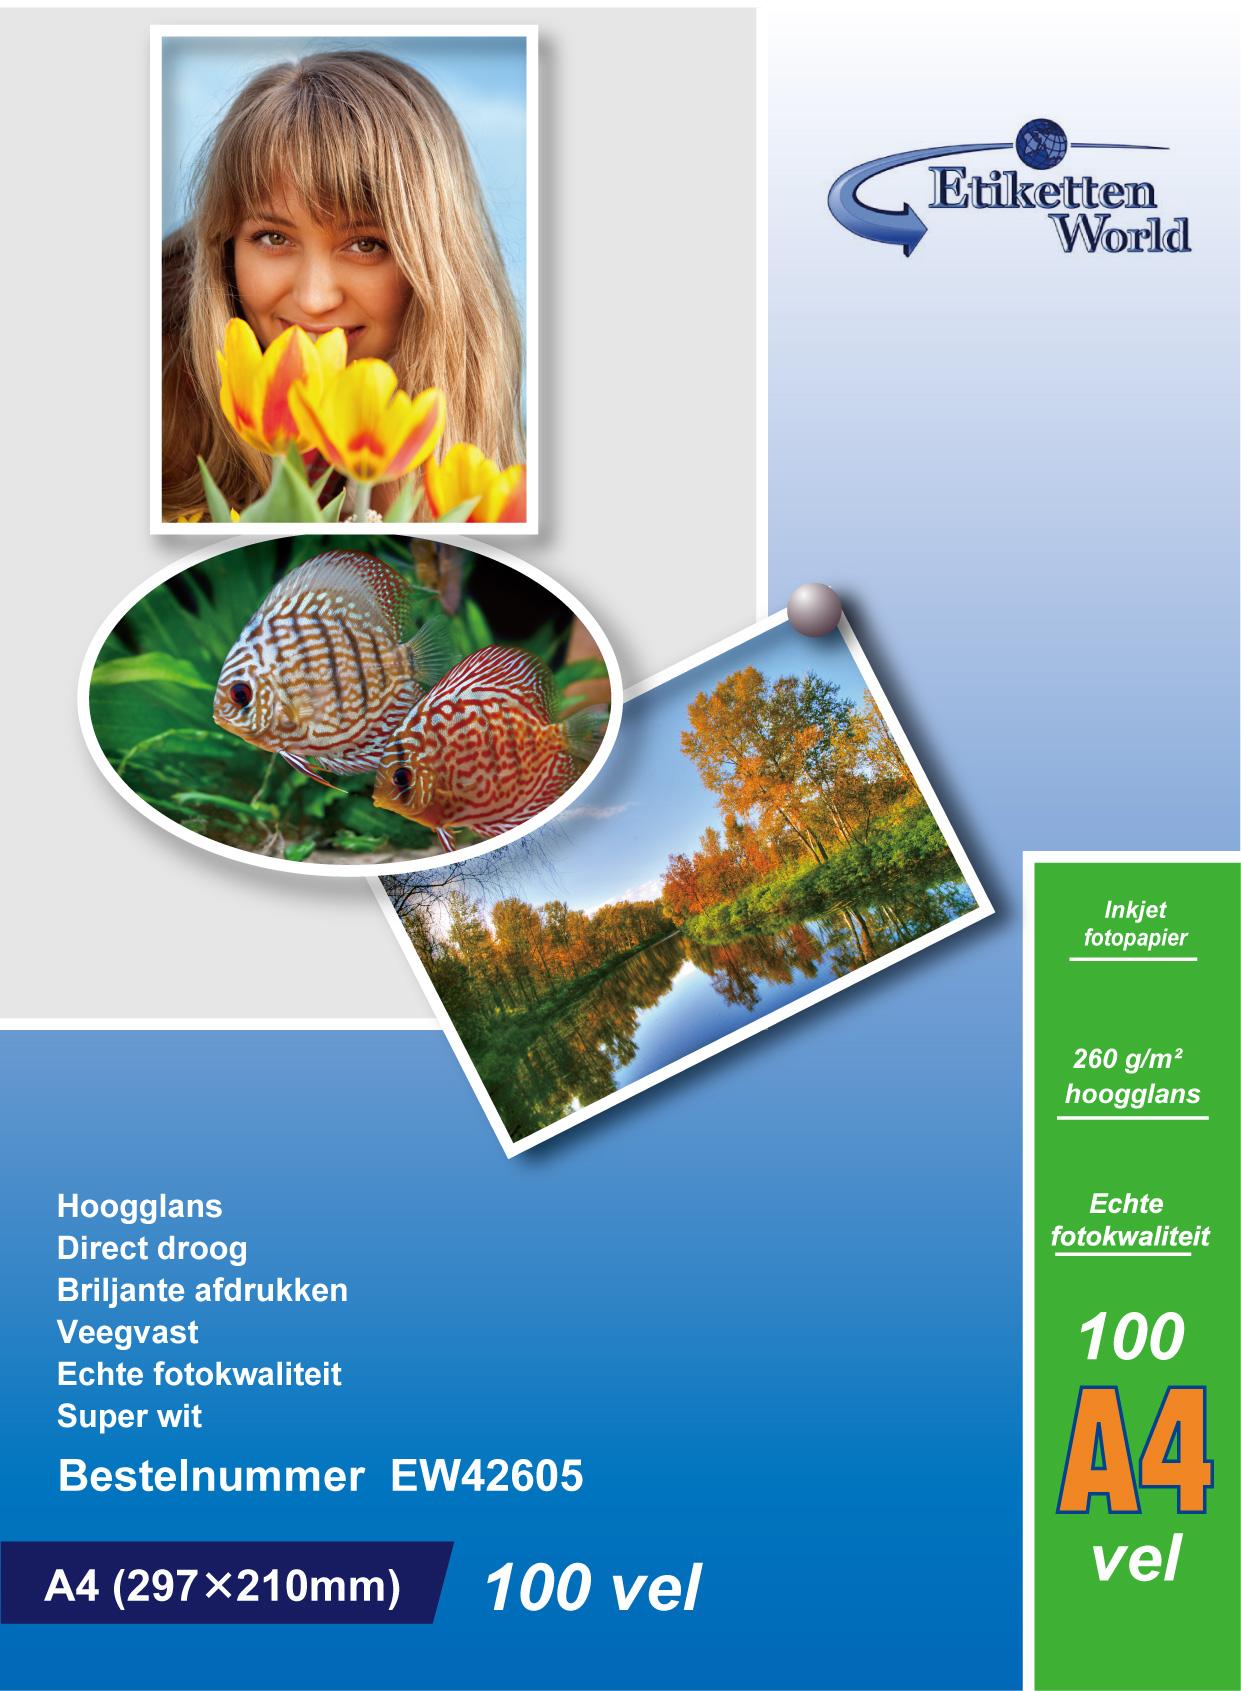 EtikettenWorld BV Fotopapier A4 260g/qm High Glossy und wasserfest